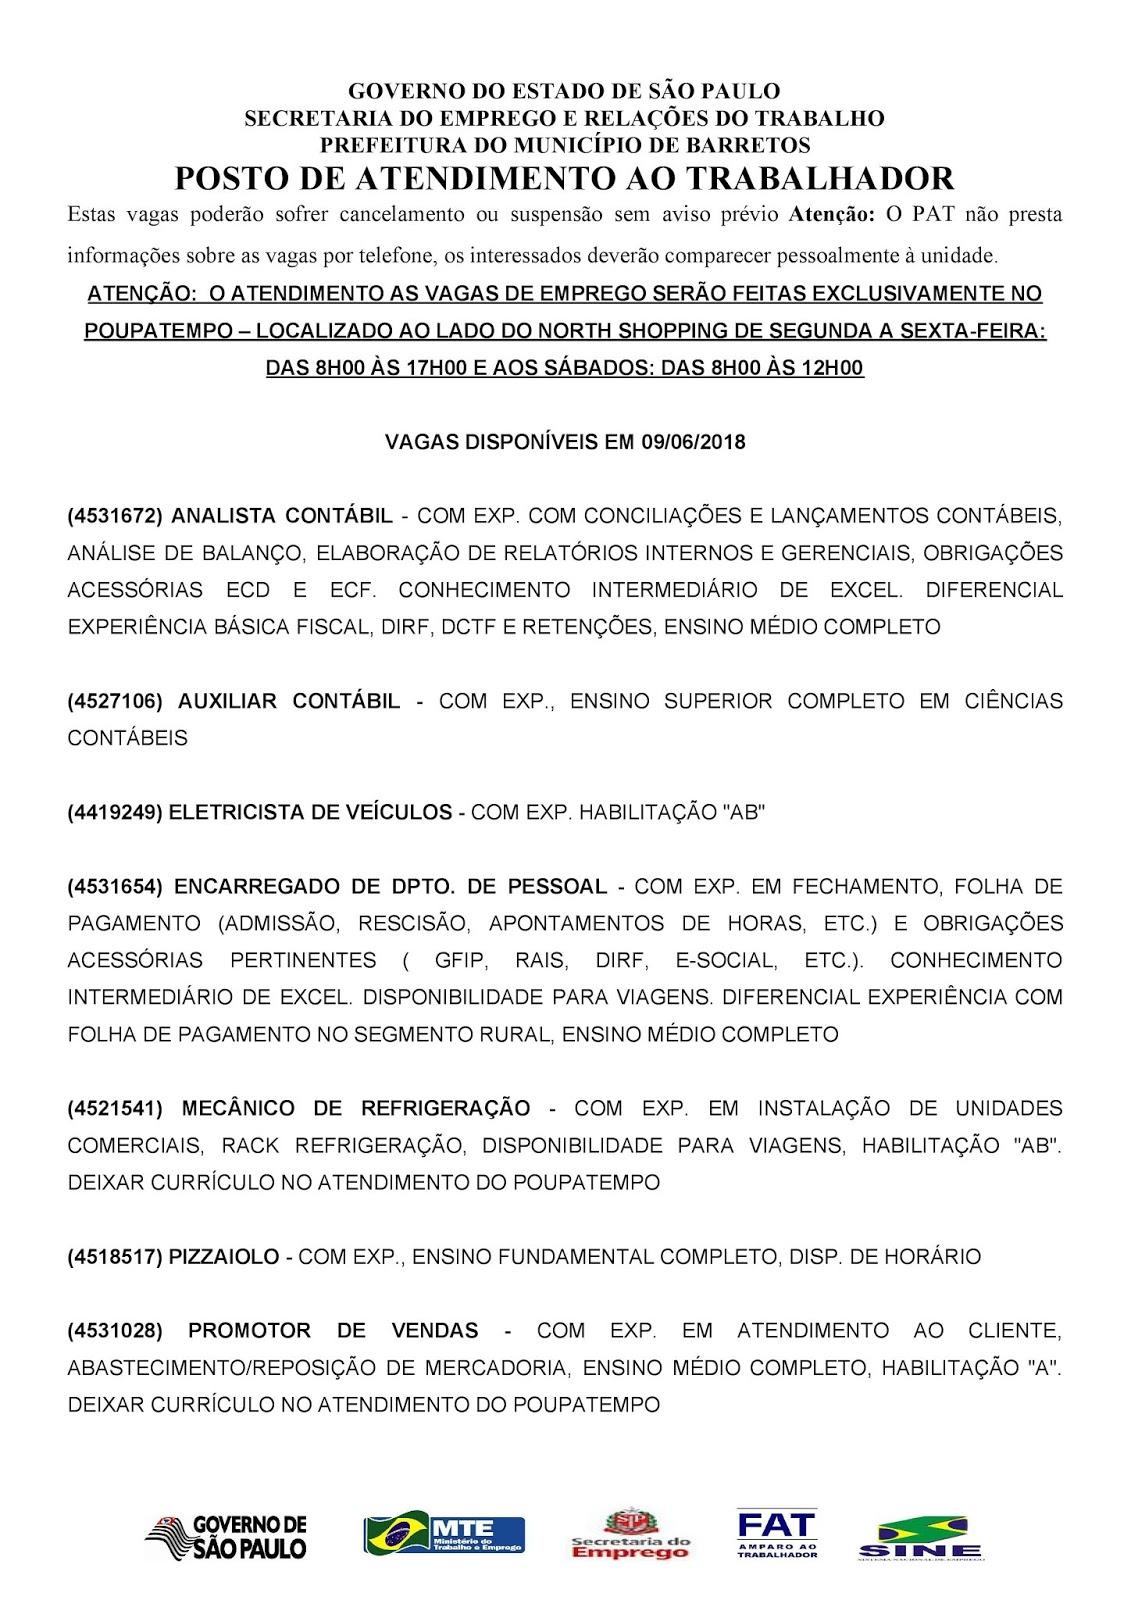 VAGAS DE EMPREGO DO PAT BARRETOS-SP PARA 09/06/2018 SÁBADO - Pag.1